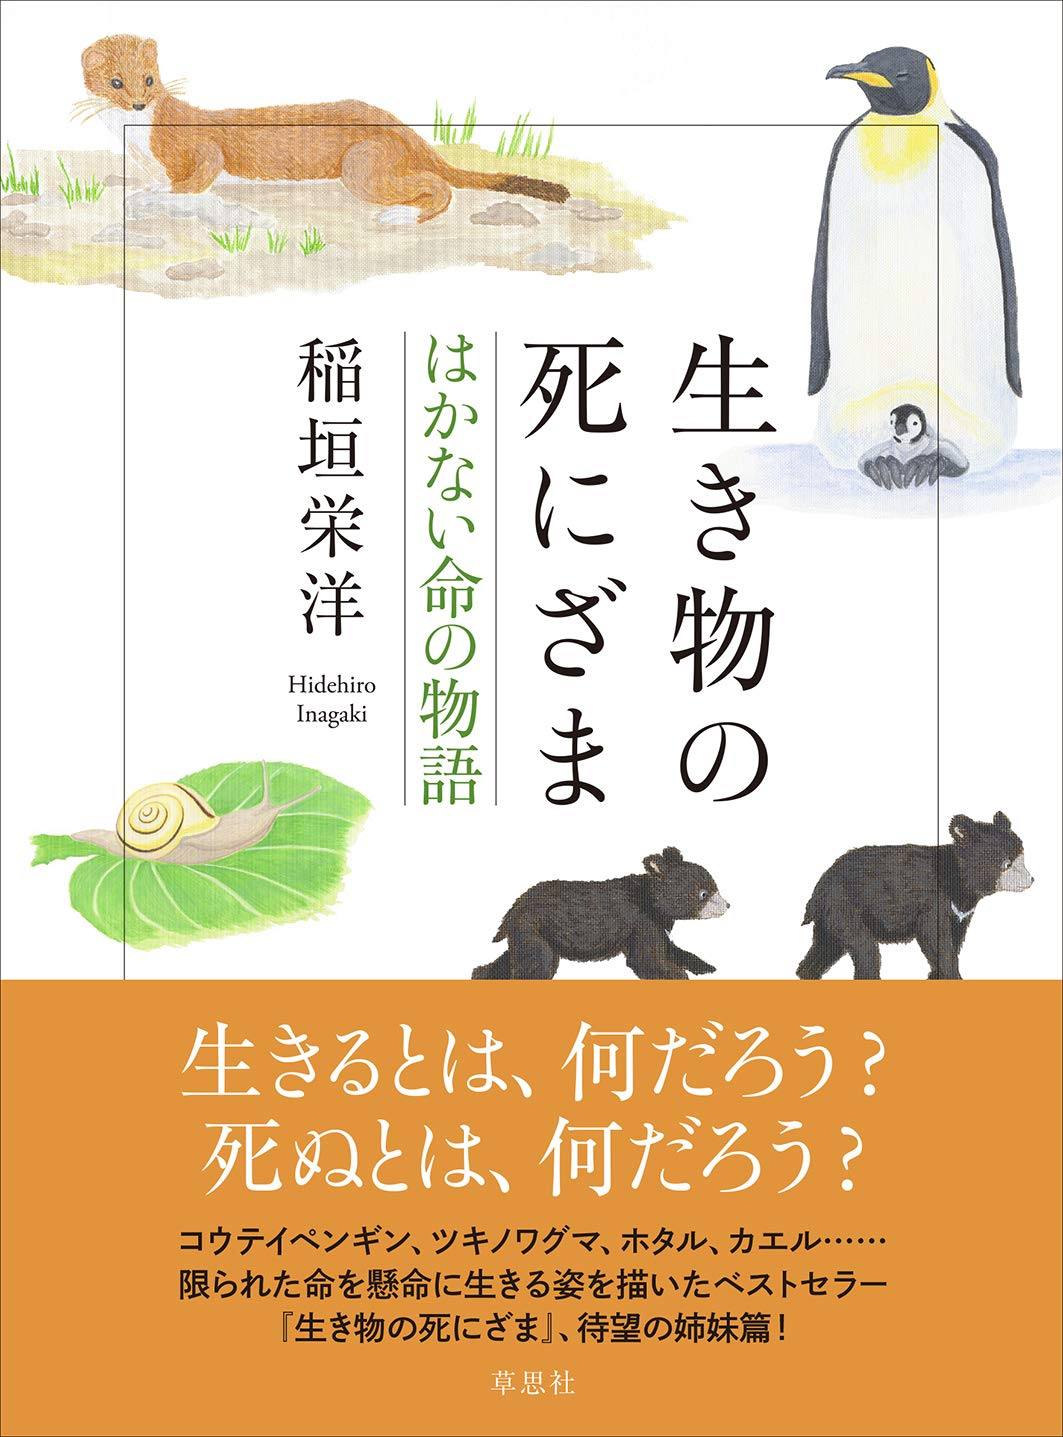 稲垣 栄洋:生き物の死にざま はかない命の物語 ☆☆☆☆☆